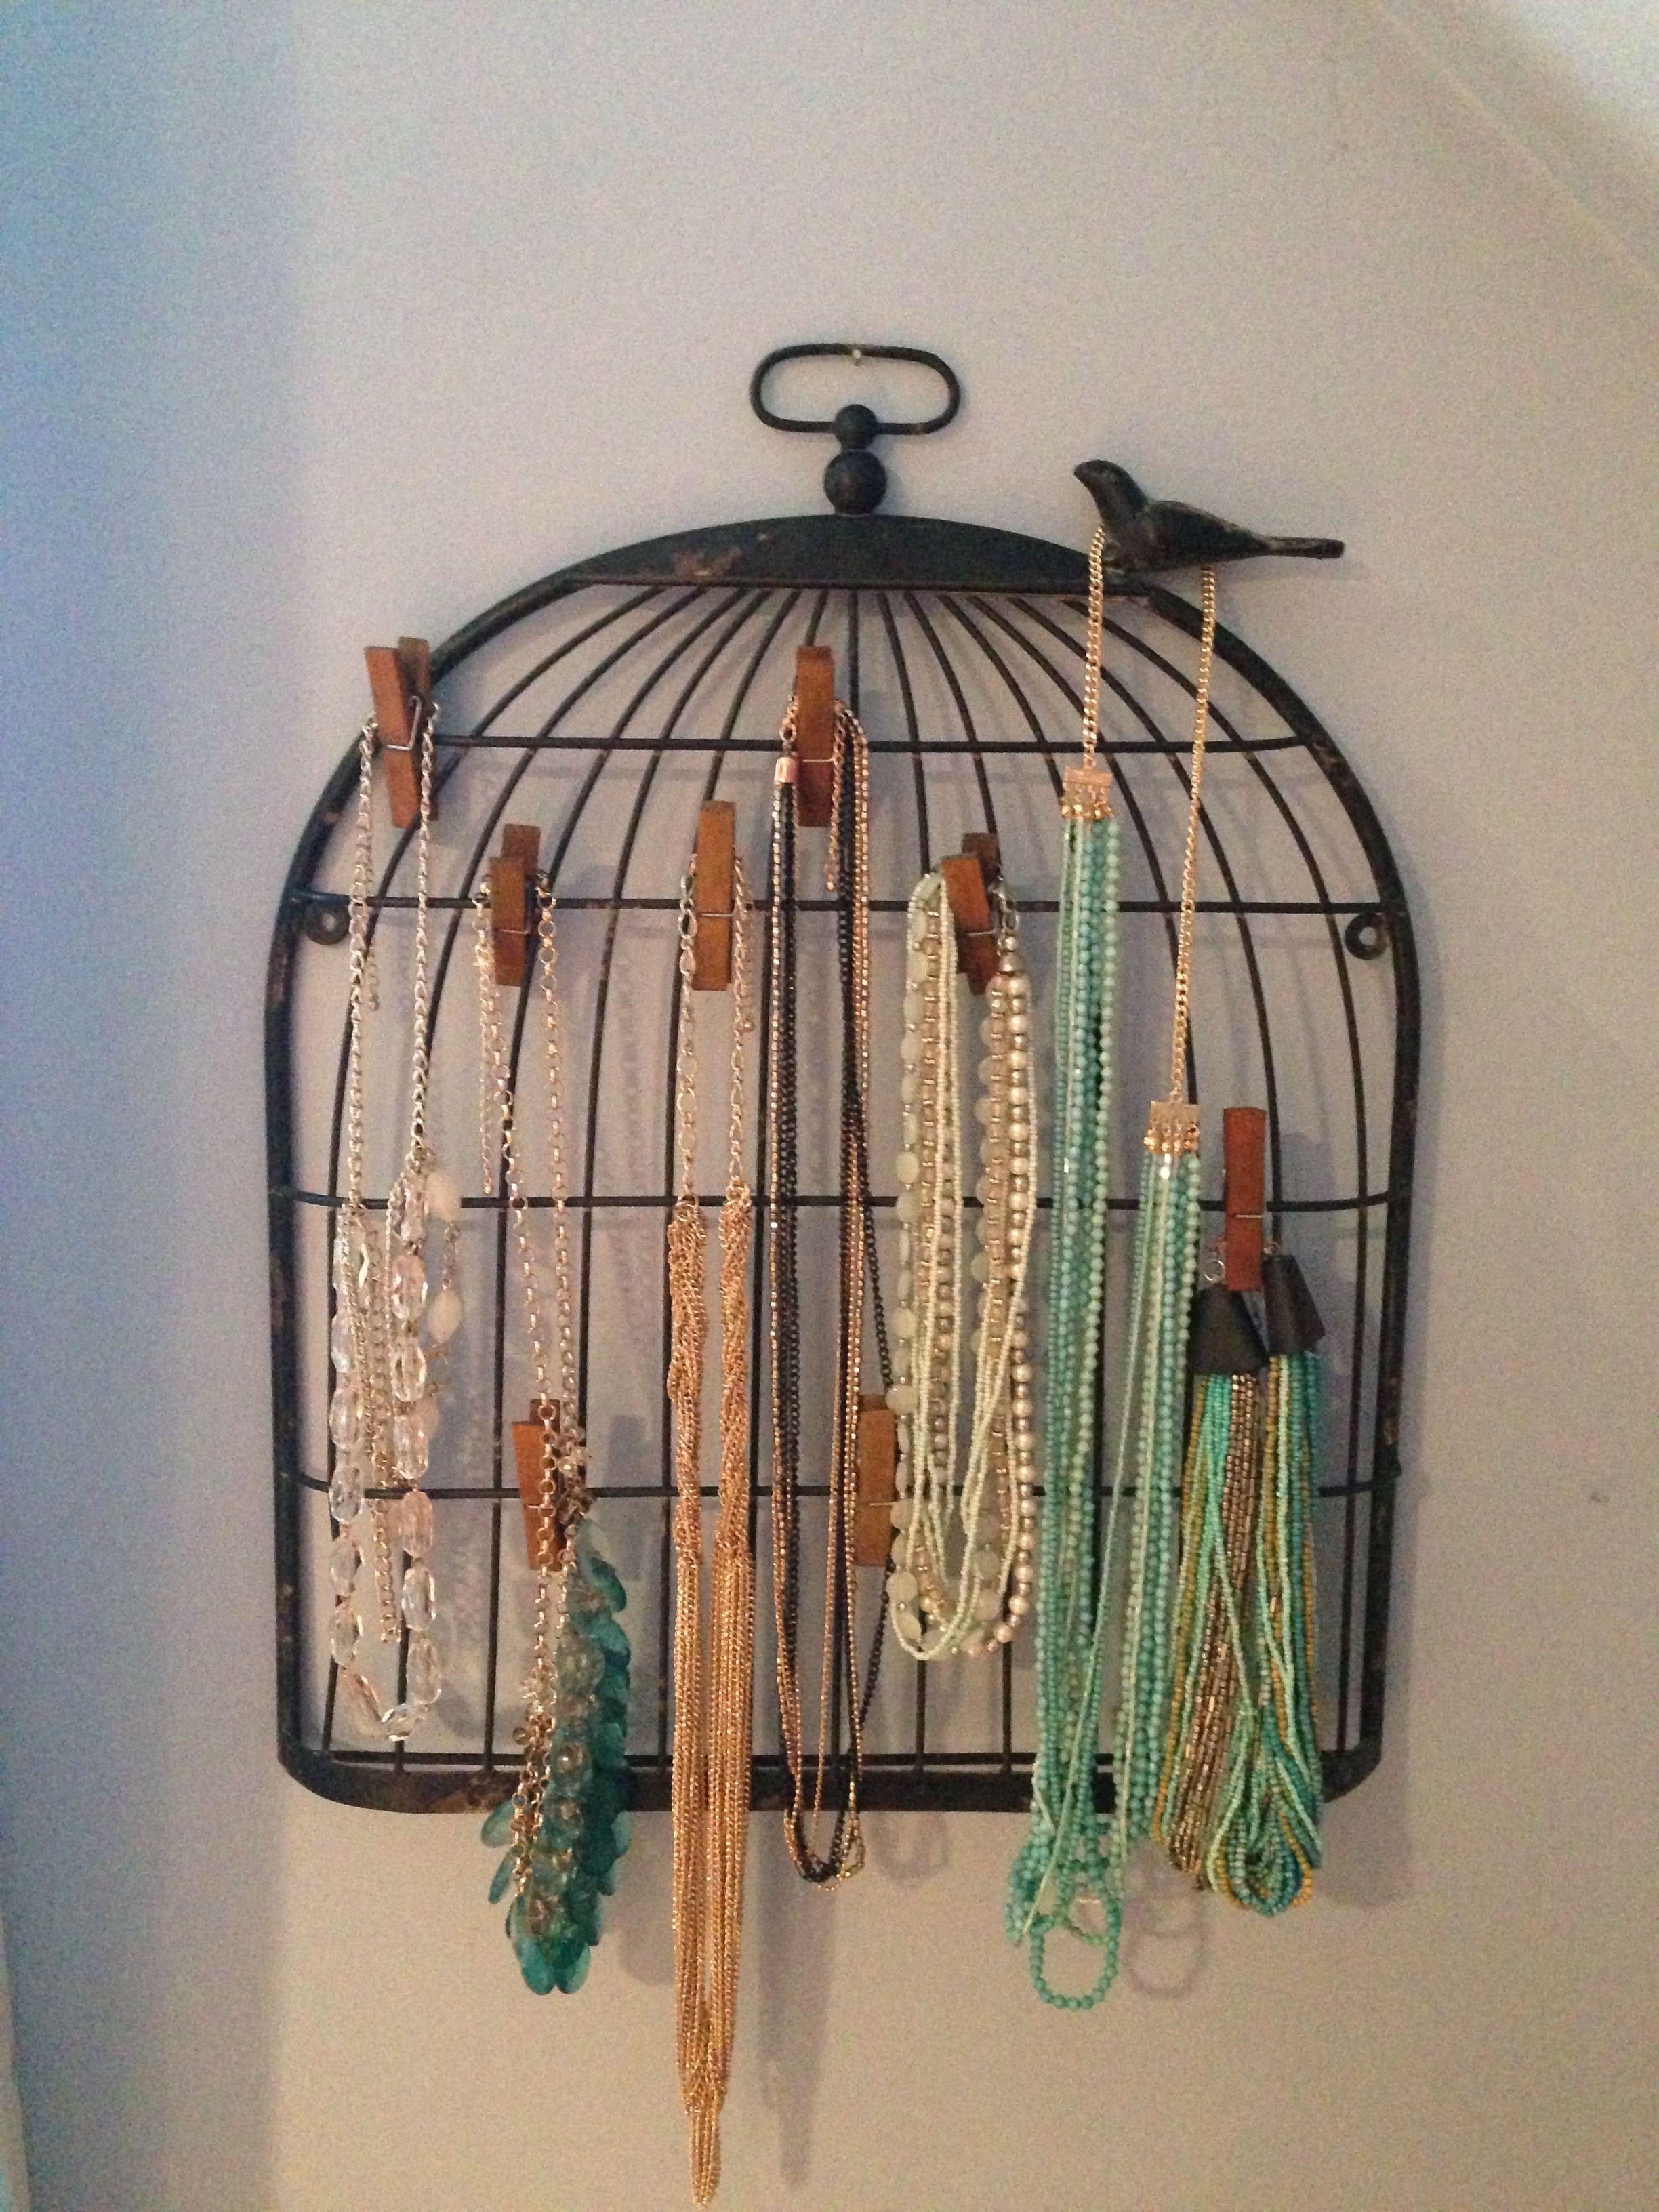 Birdcage Note Holder Turned Necklace Holder